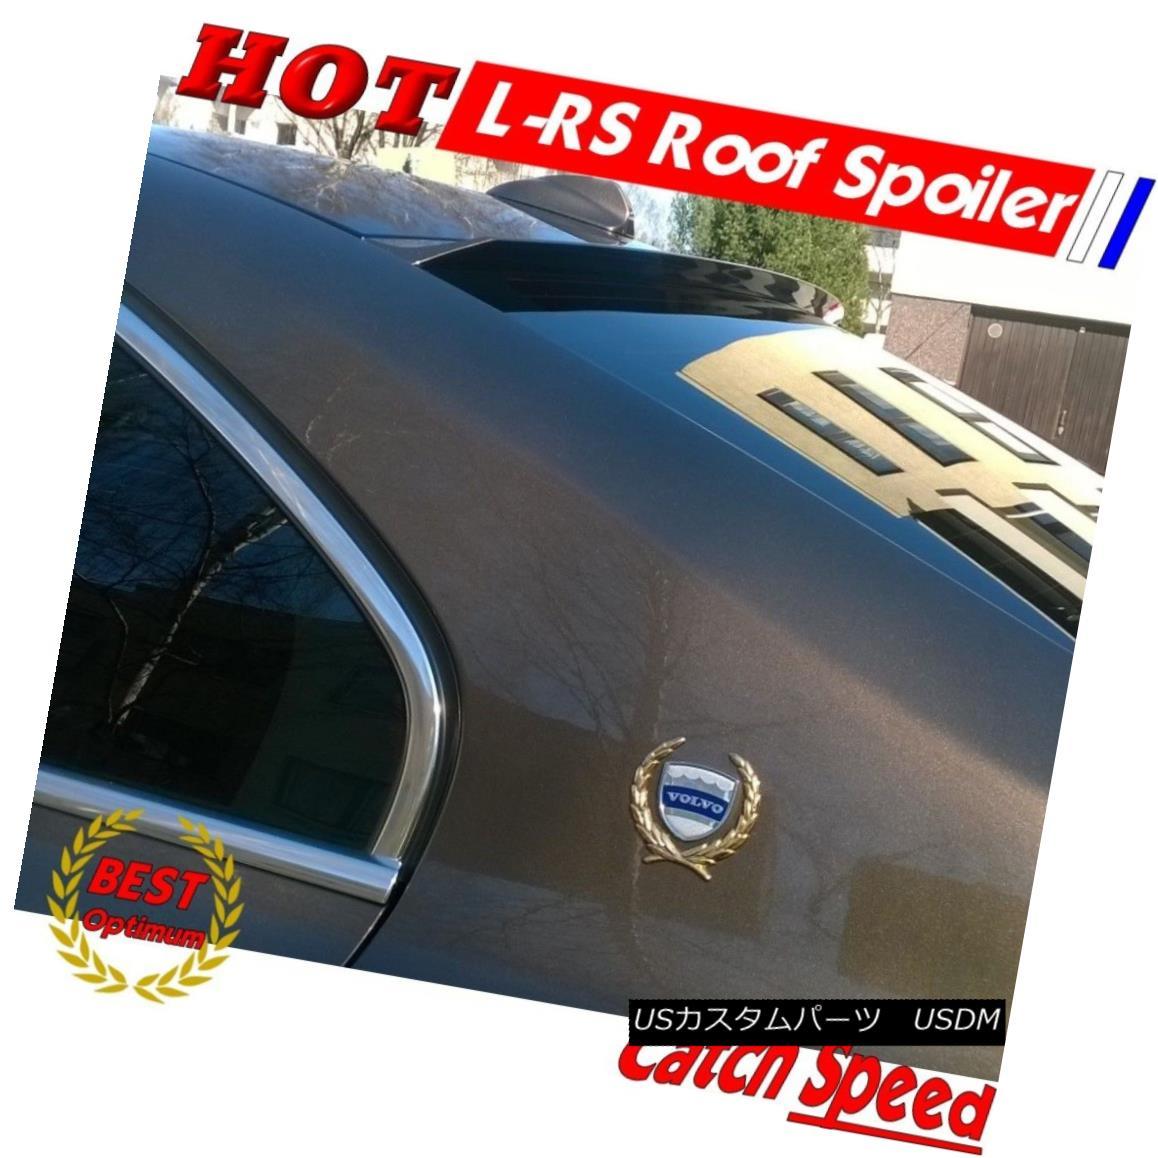 エアロパーツ Flat Black LRS Type Rear Roof Spoiler For Toyota Belta Yaris Sedan 2006-2010 ? Toyota Belta Yaris Sedan 2006-2010のフラットブラックLRSタイプリアルーフスポイラー?